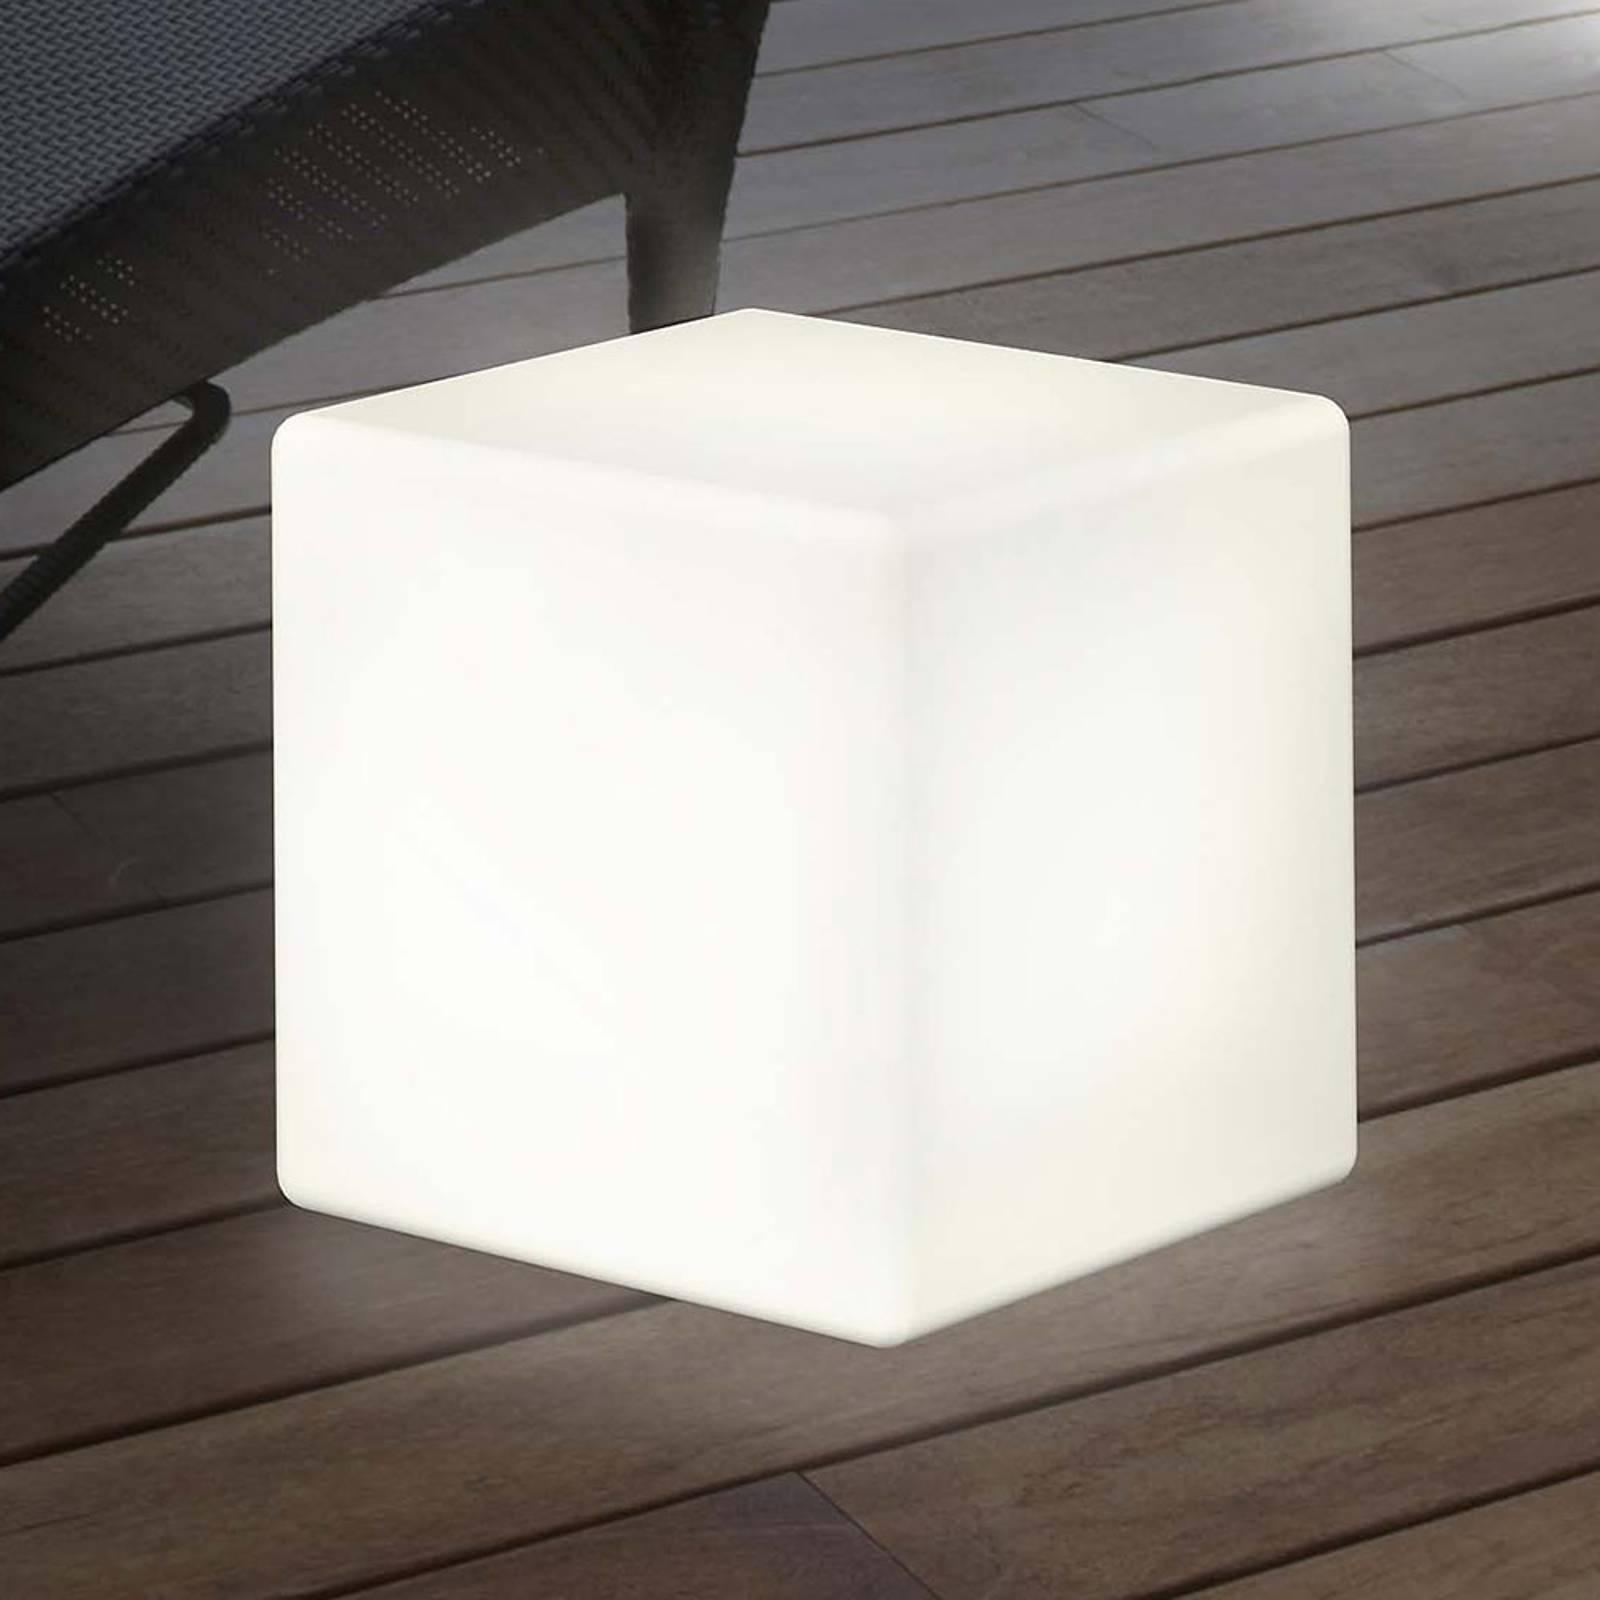 Bilde av Dekorasjonsbelysning Led Shining Cube, 33 Cm